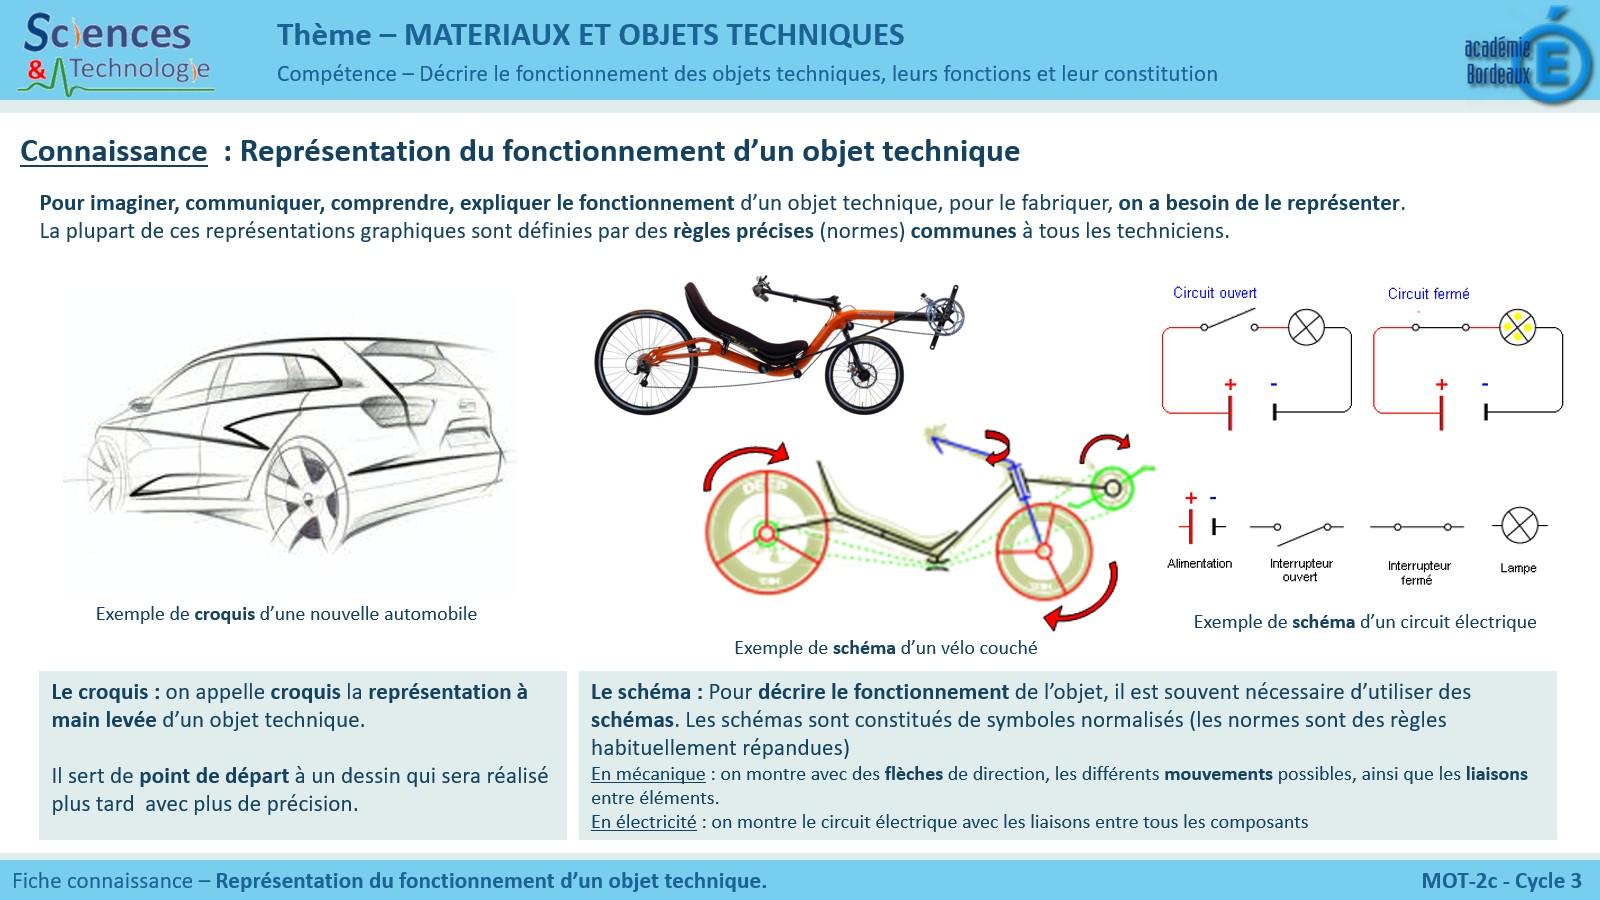 C3-MOT-2c - Représentation du fonctionnement d'un objet ...